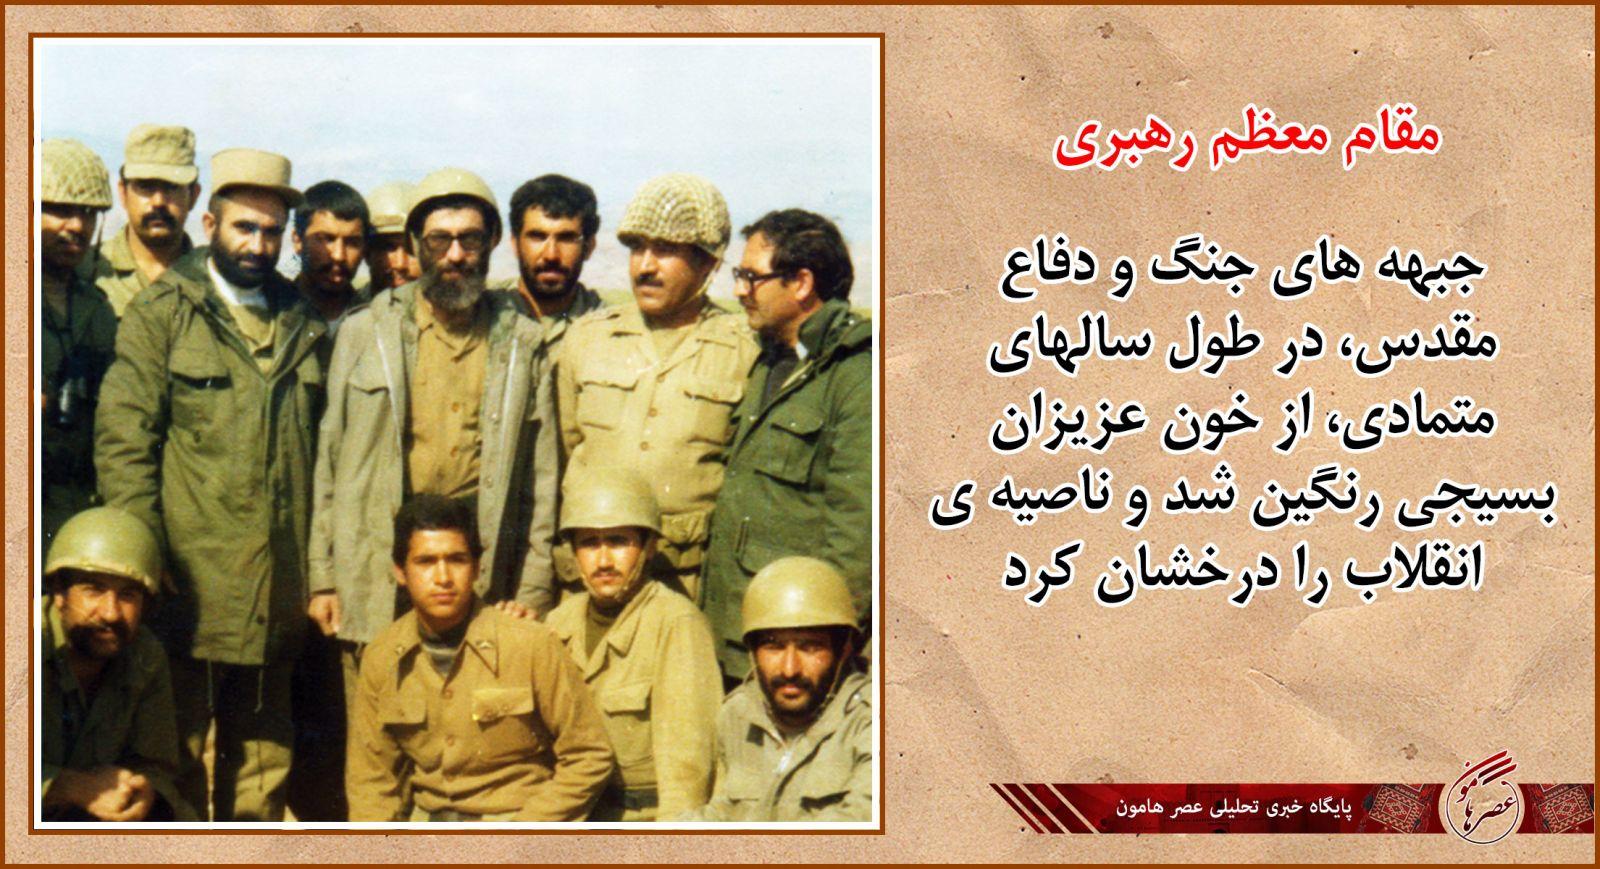 عکس نوشته /گزیده بیانات رهبر انقلاب درباره دفاع مقدس